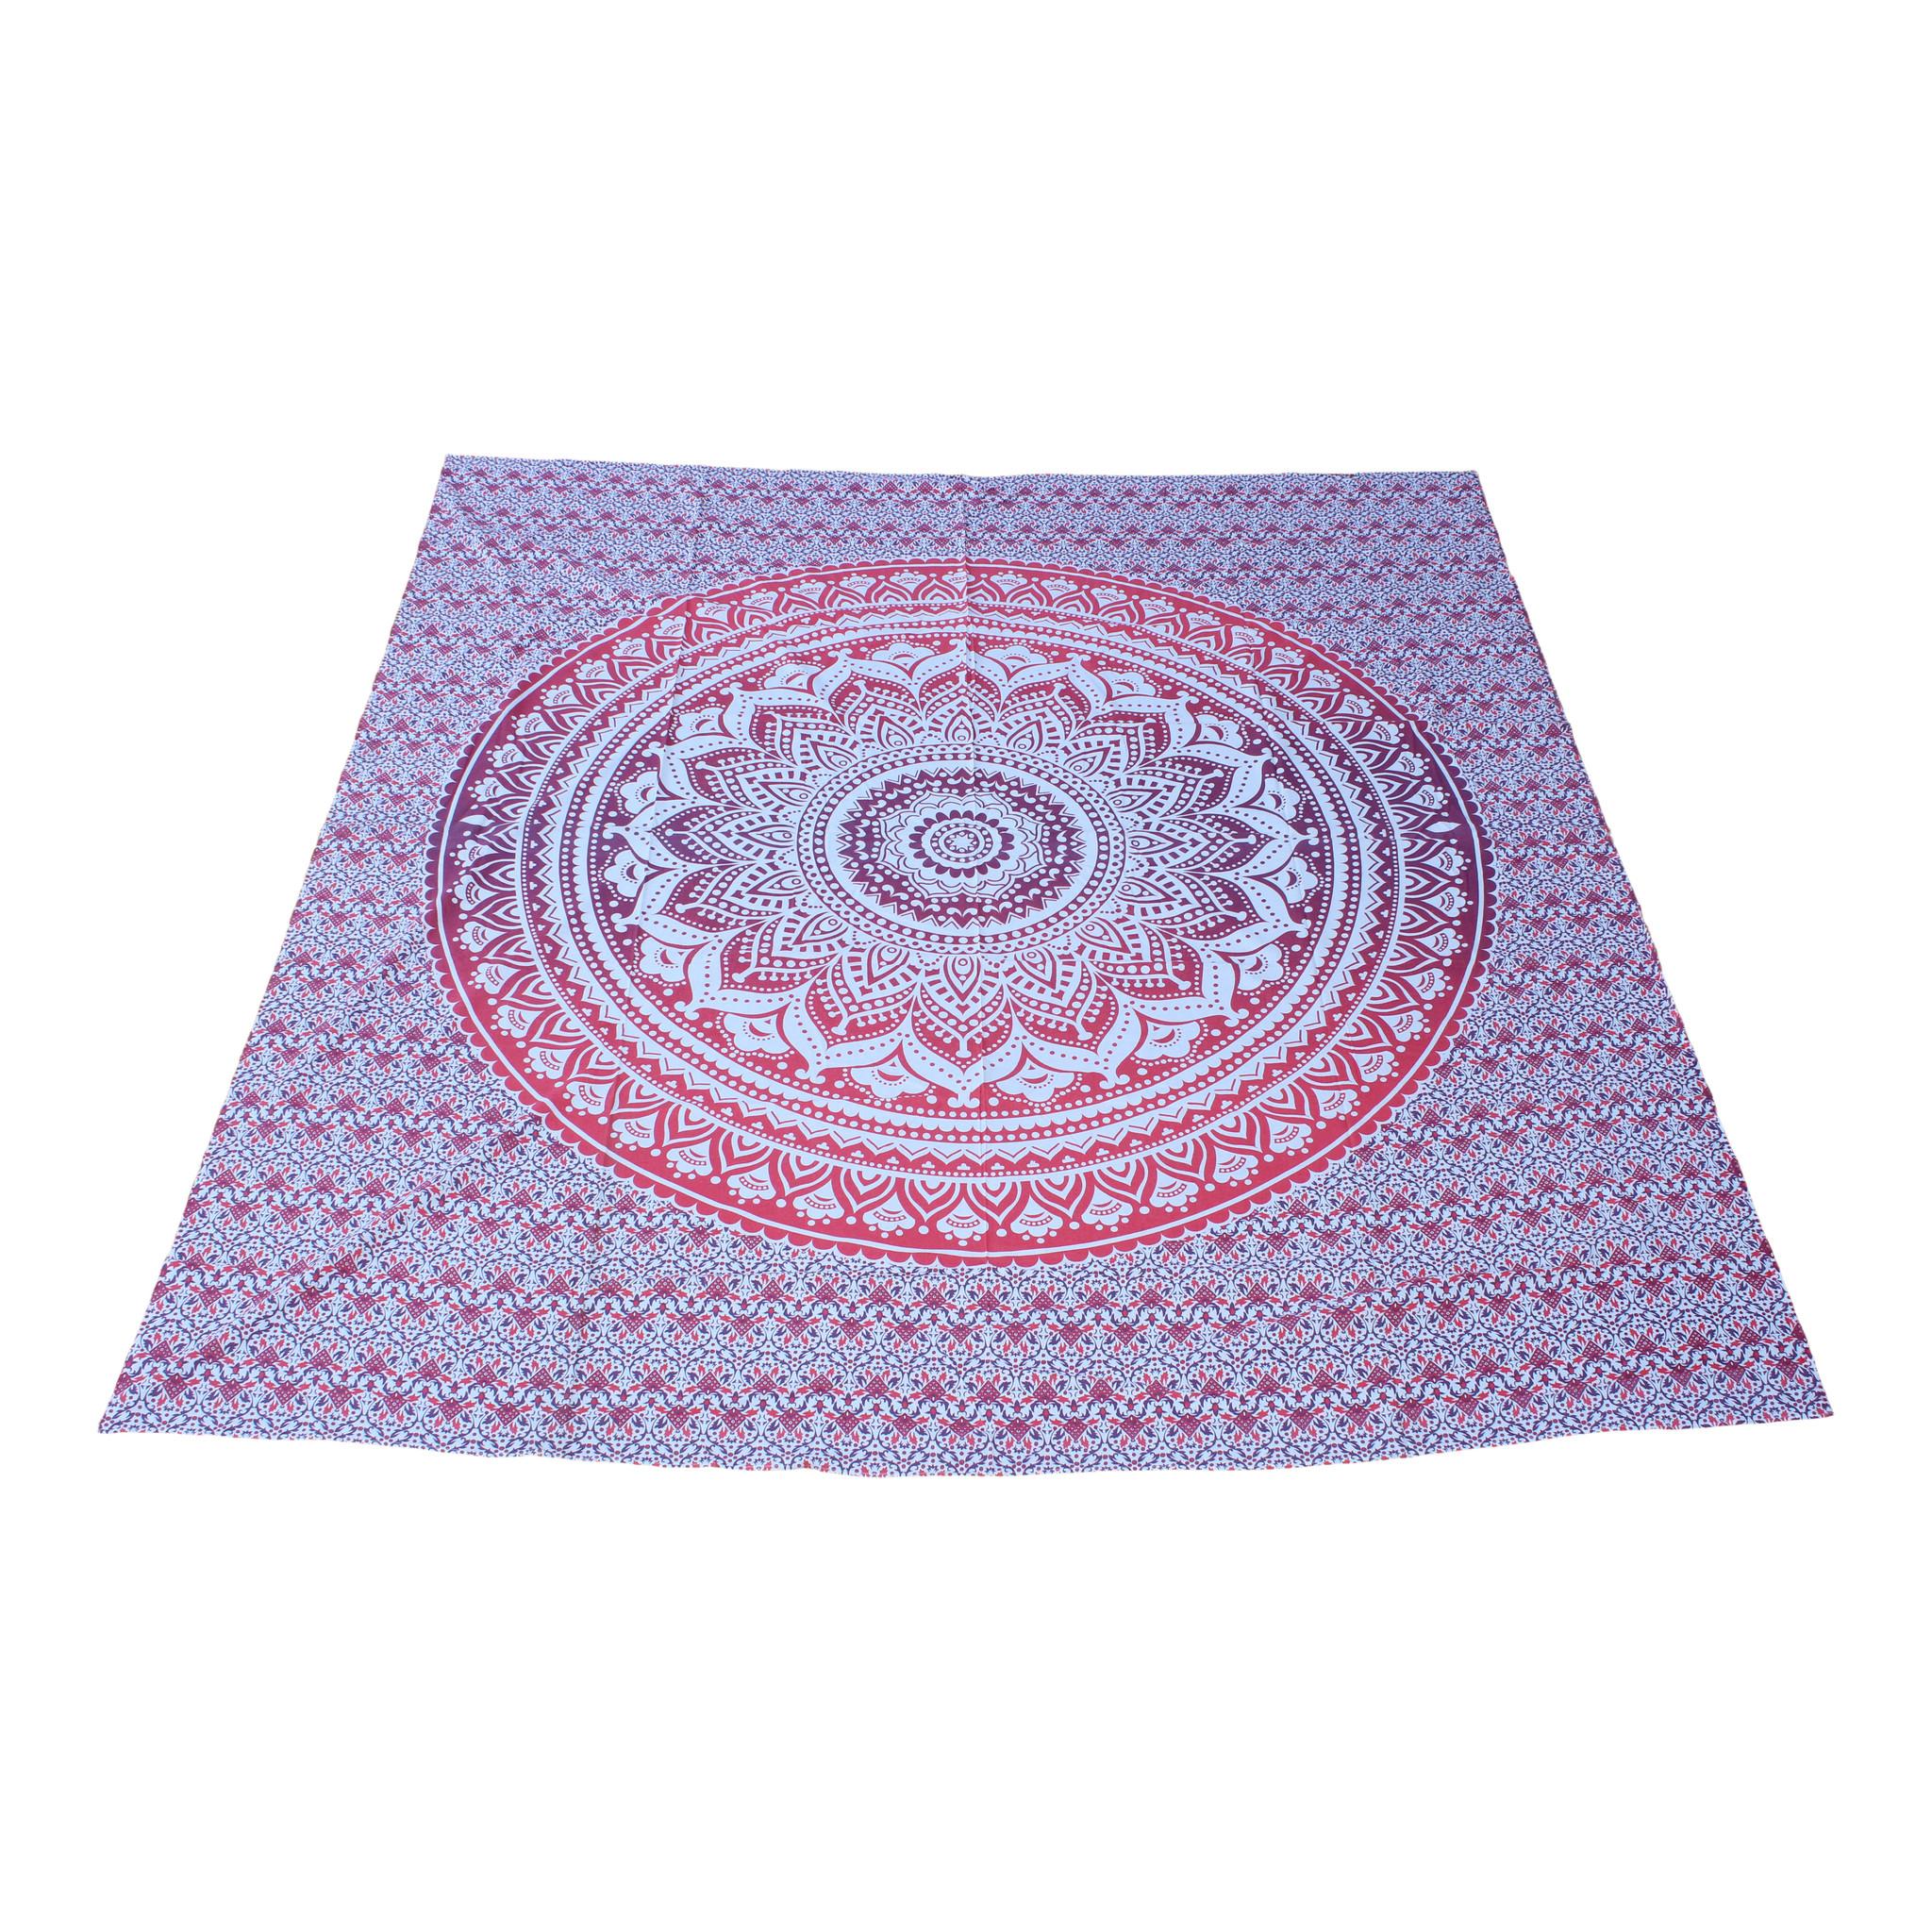 Myroundie Myroundie - roundie - vierkant strandlaken XL – yoga kleed- speelkleed - picknickkleed -100% katoen – Q51